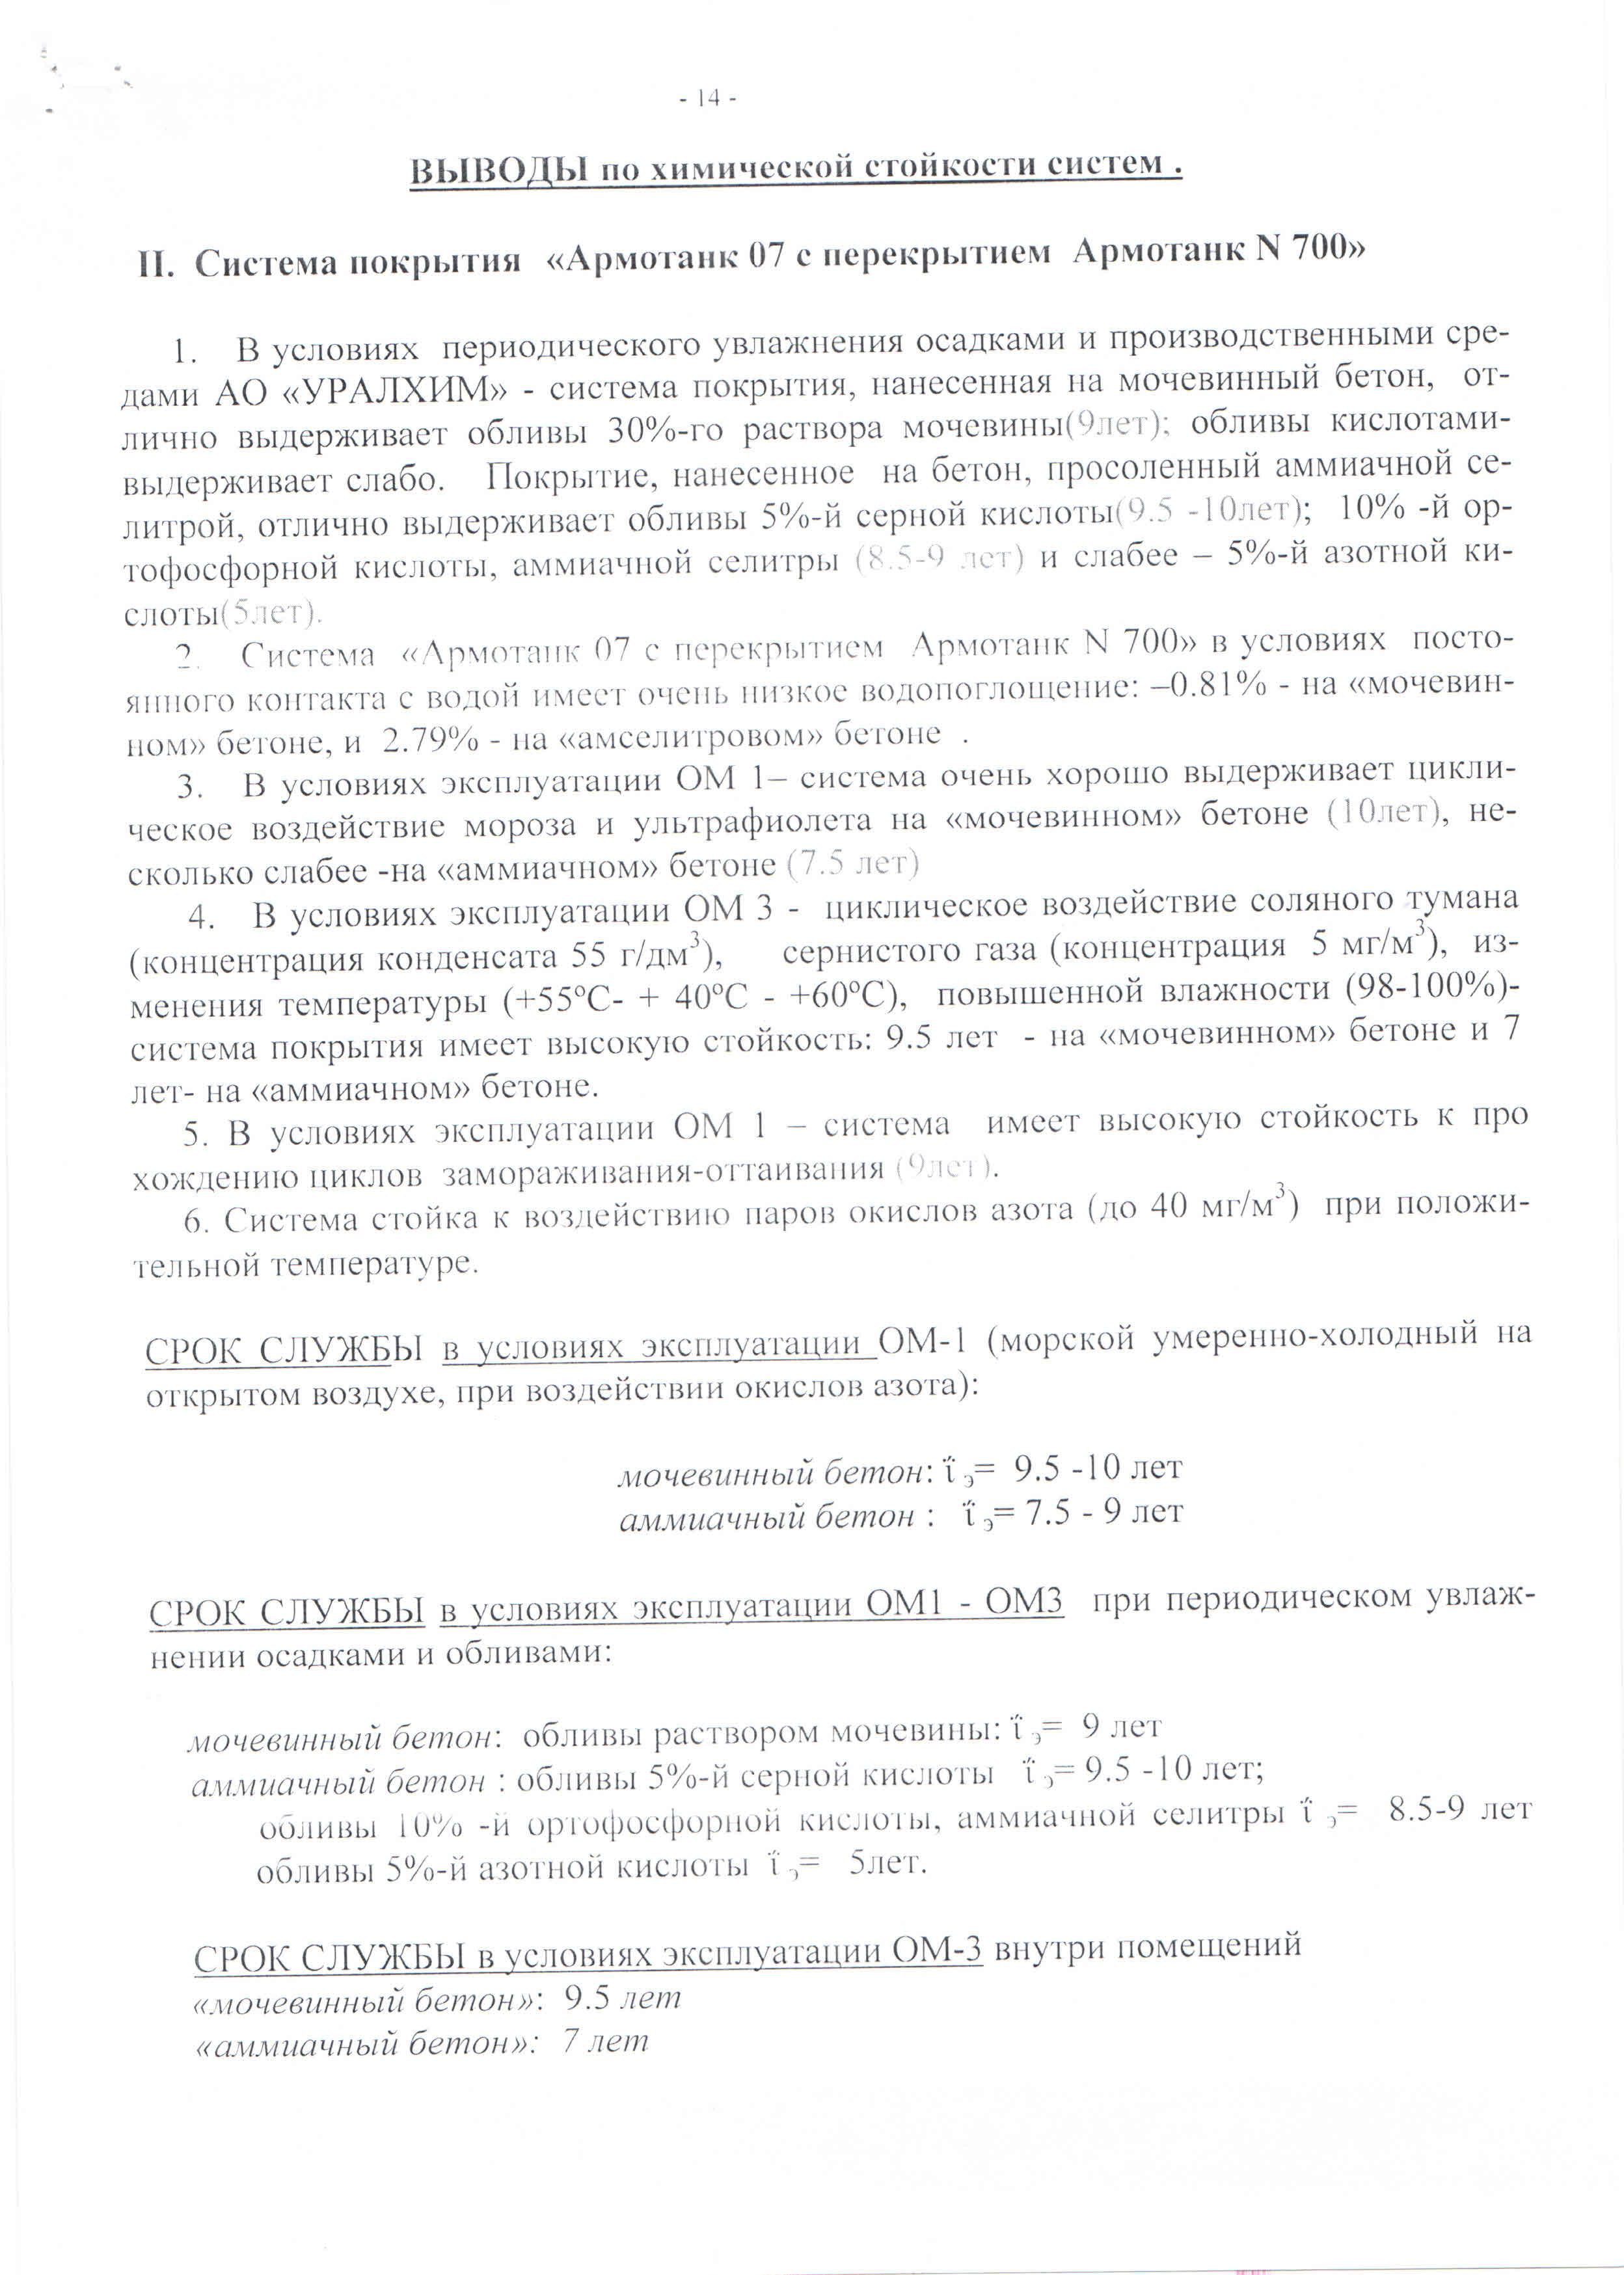 Заключение ООО «Соликамская строительная лаборатория» бетон Уралхим 07+N700S70_Страница_14